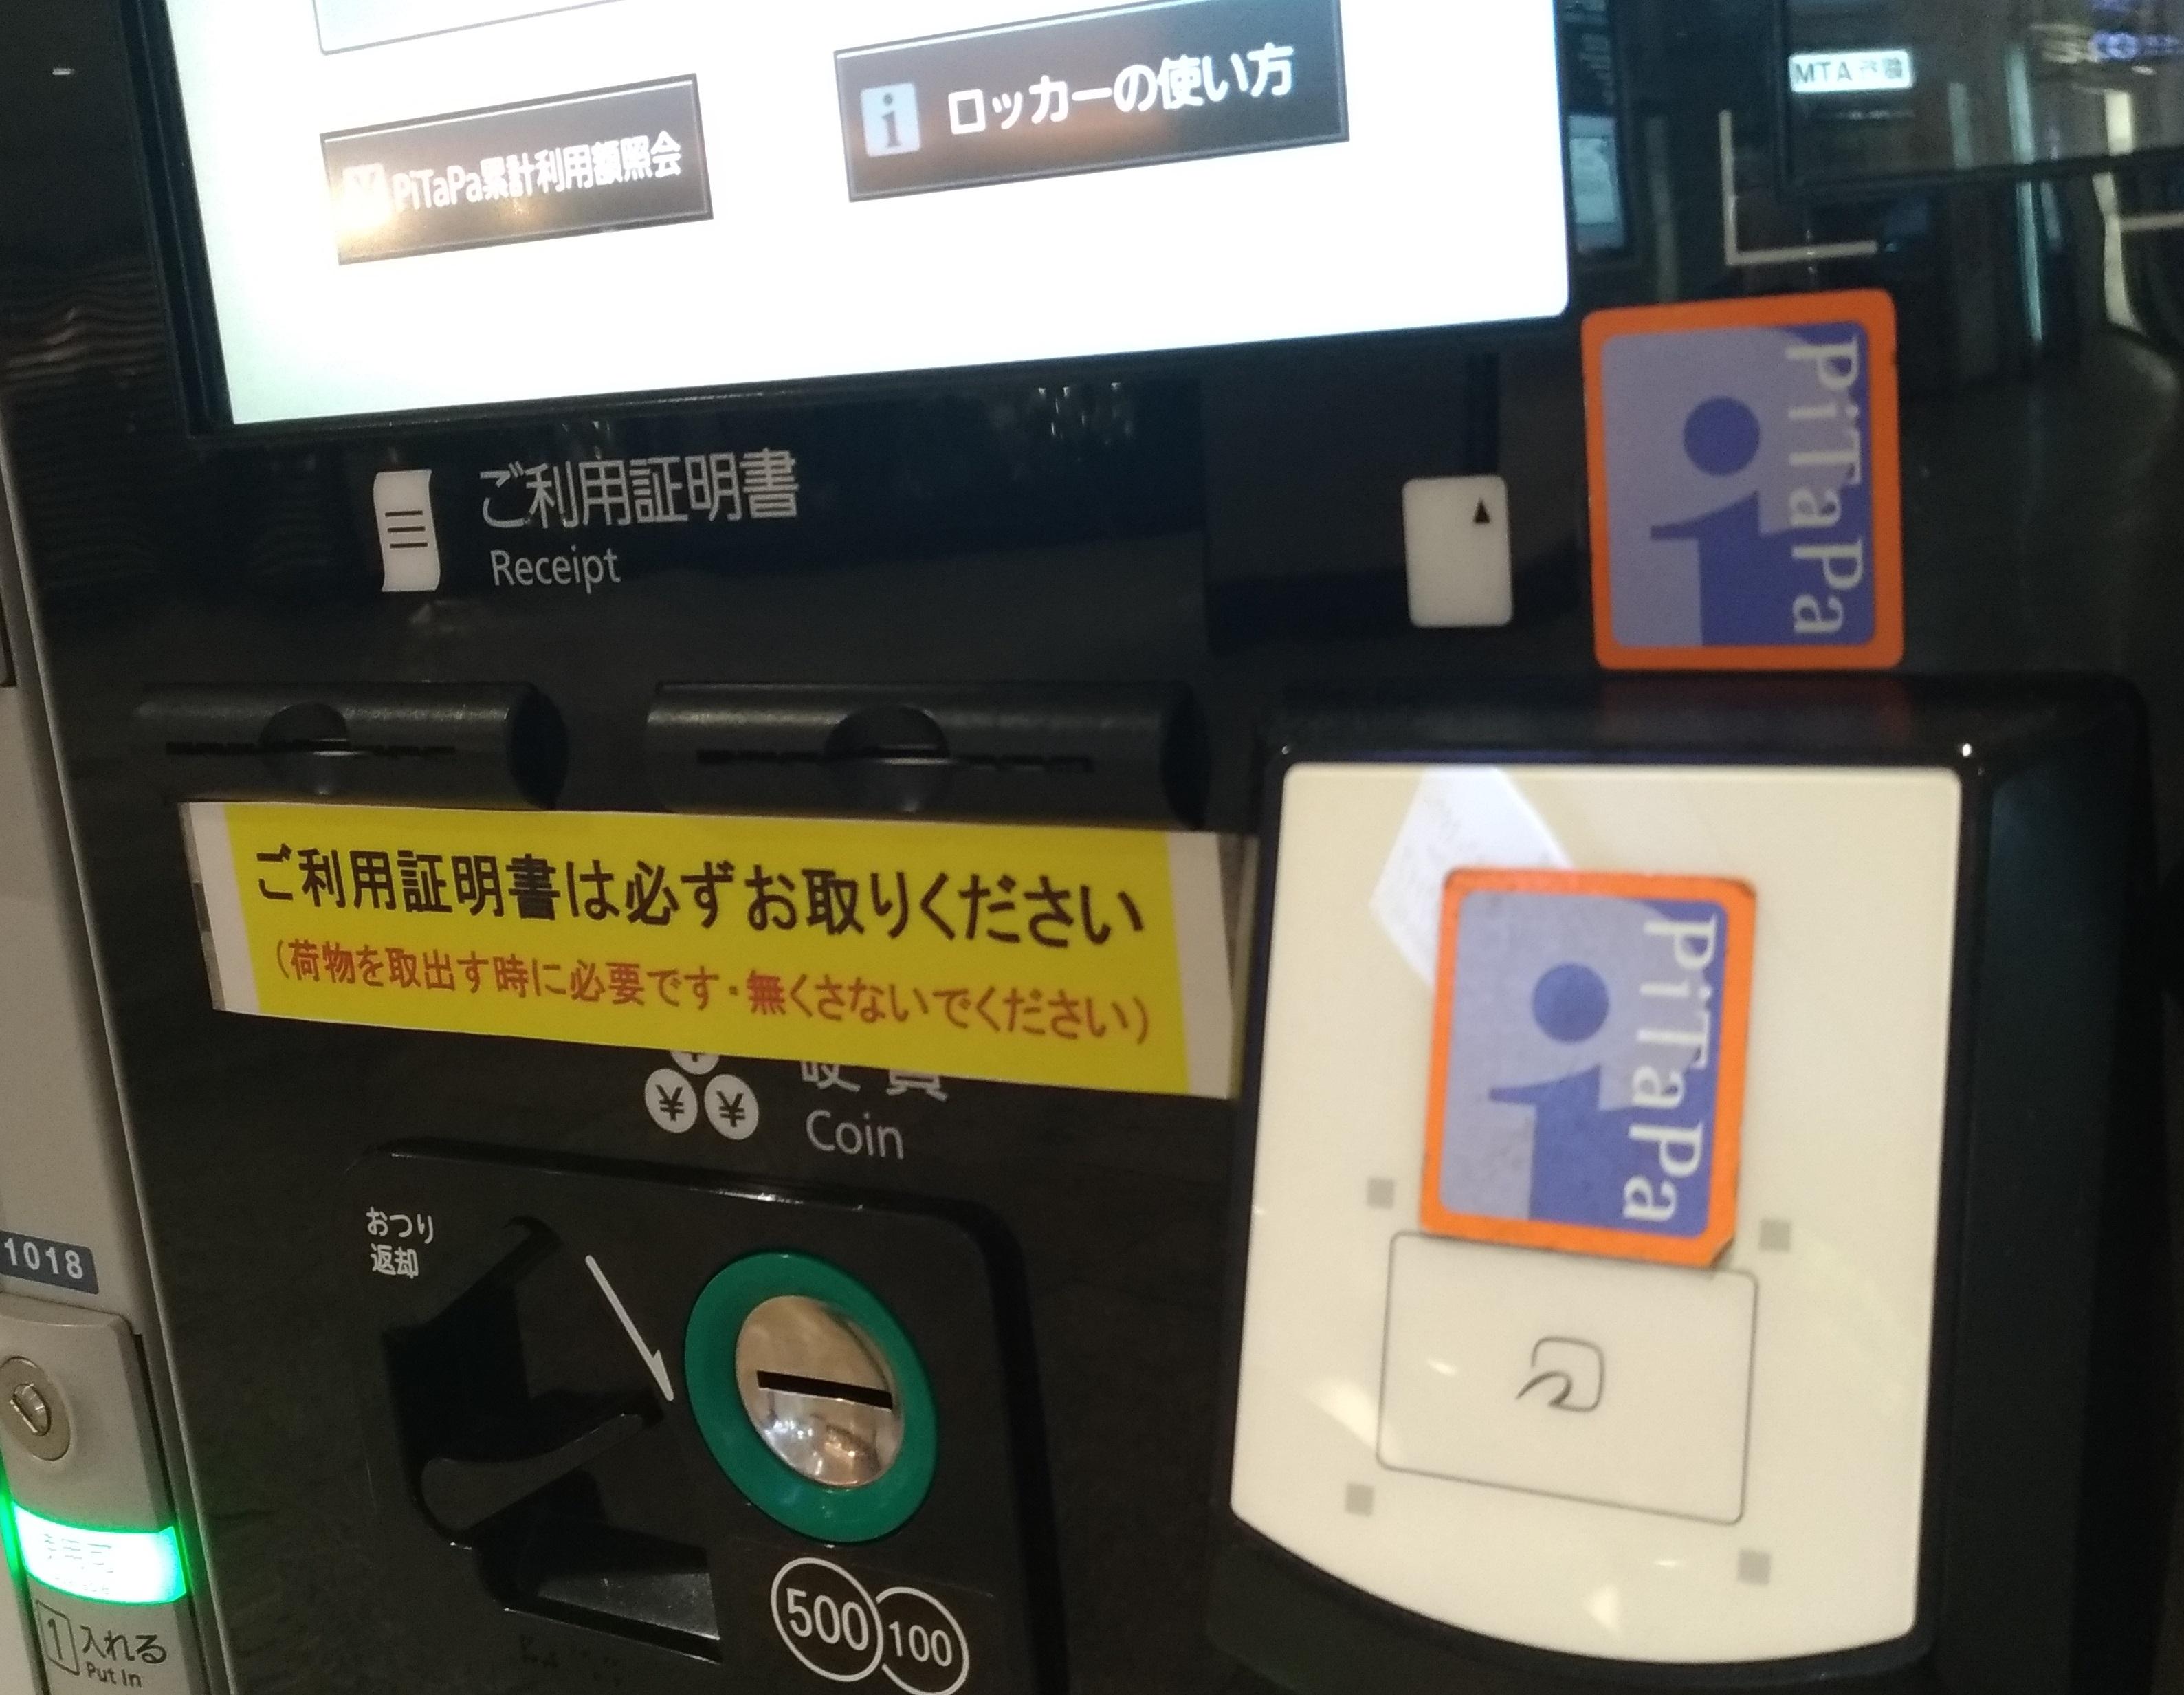 umeda_lockers_ic_qr_4.jpg